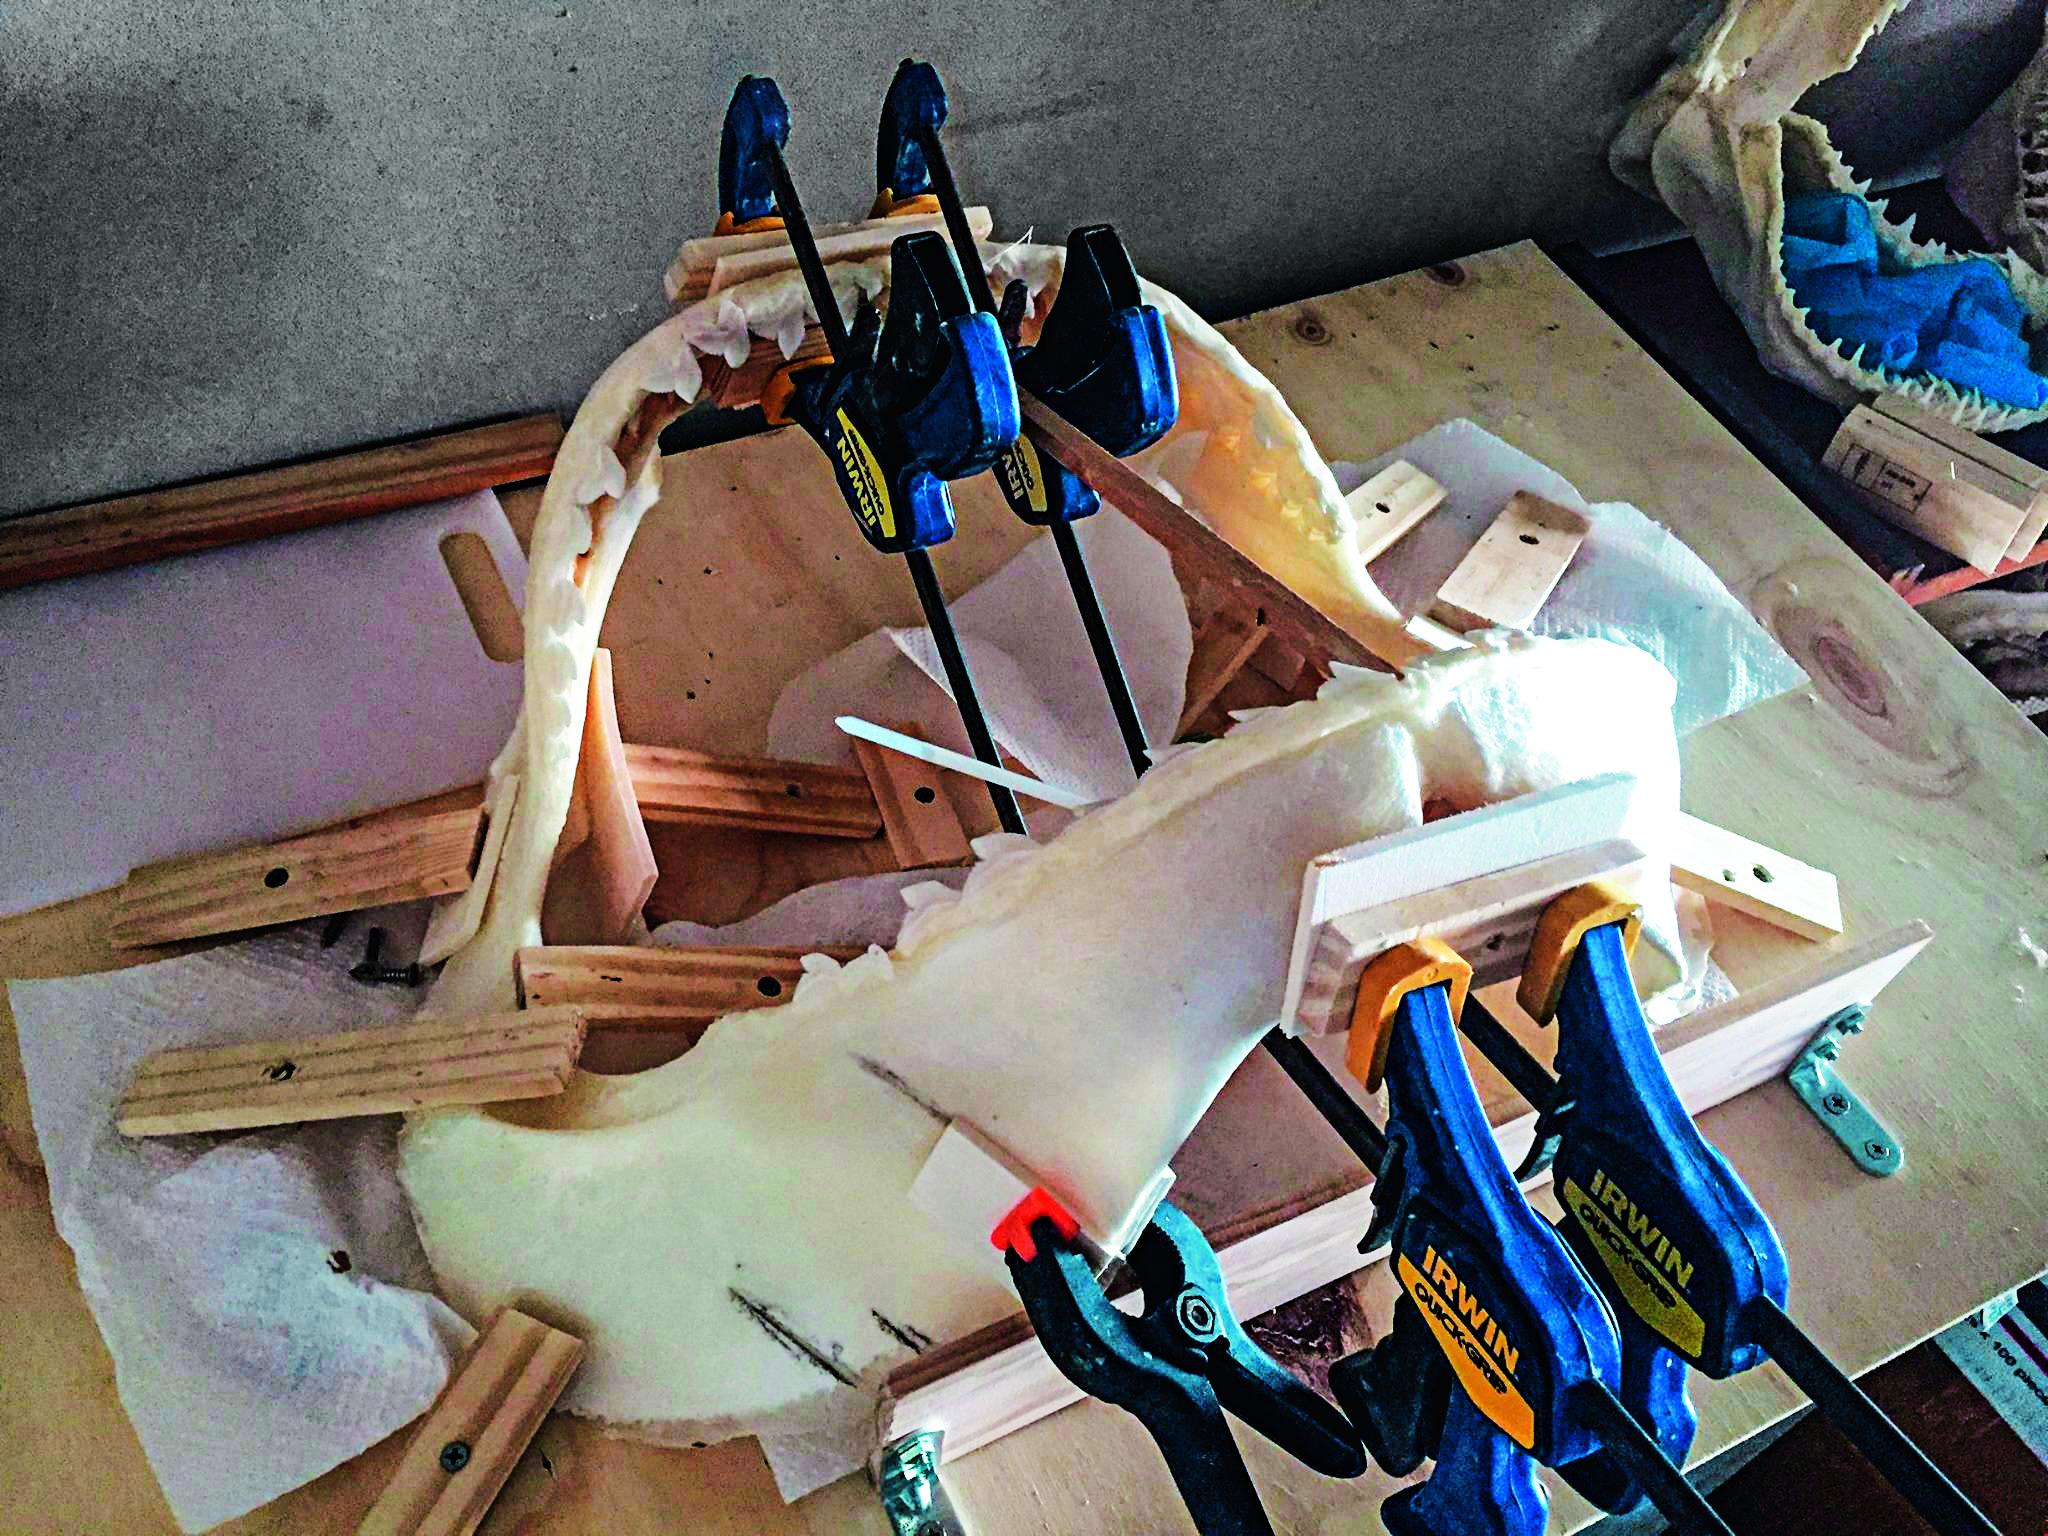 Präperierter Kiefer mit allerlei Werkzeug